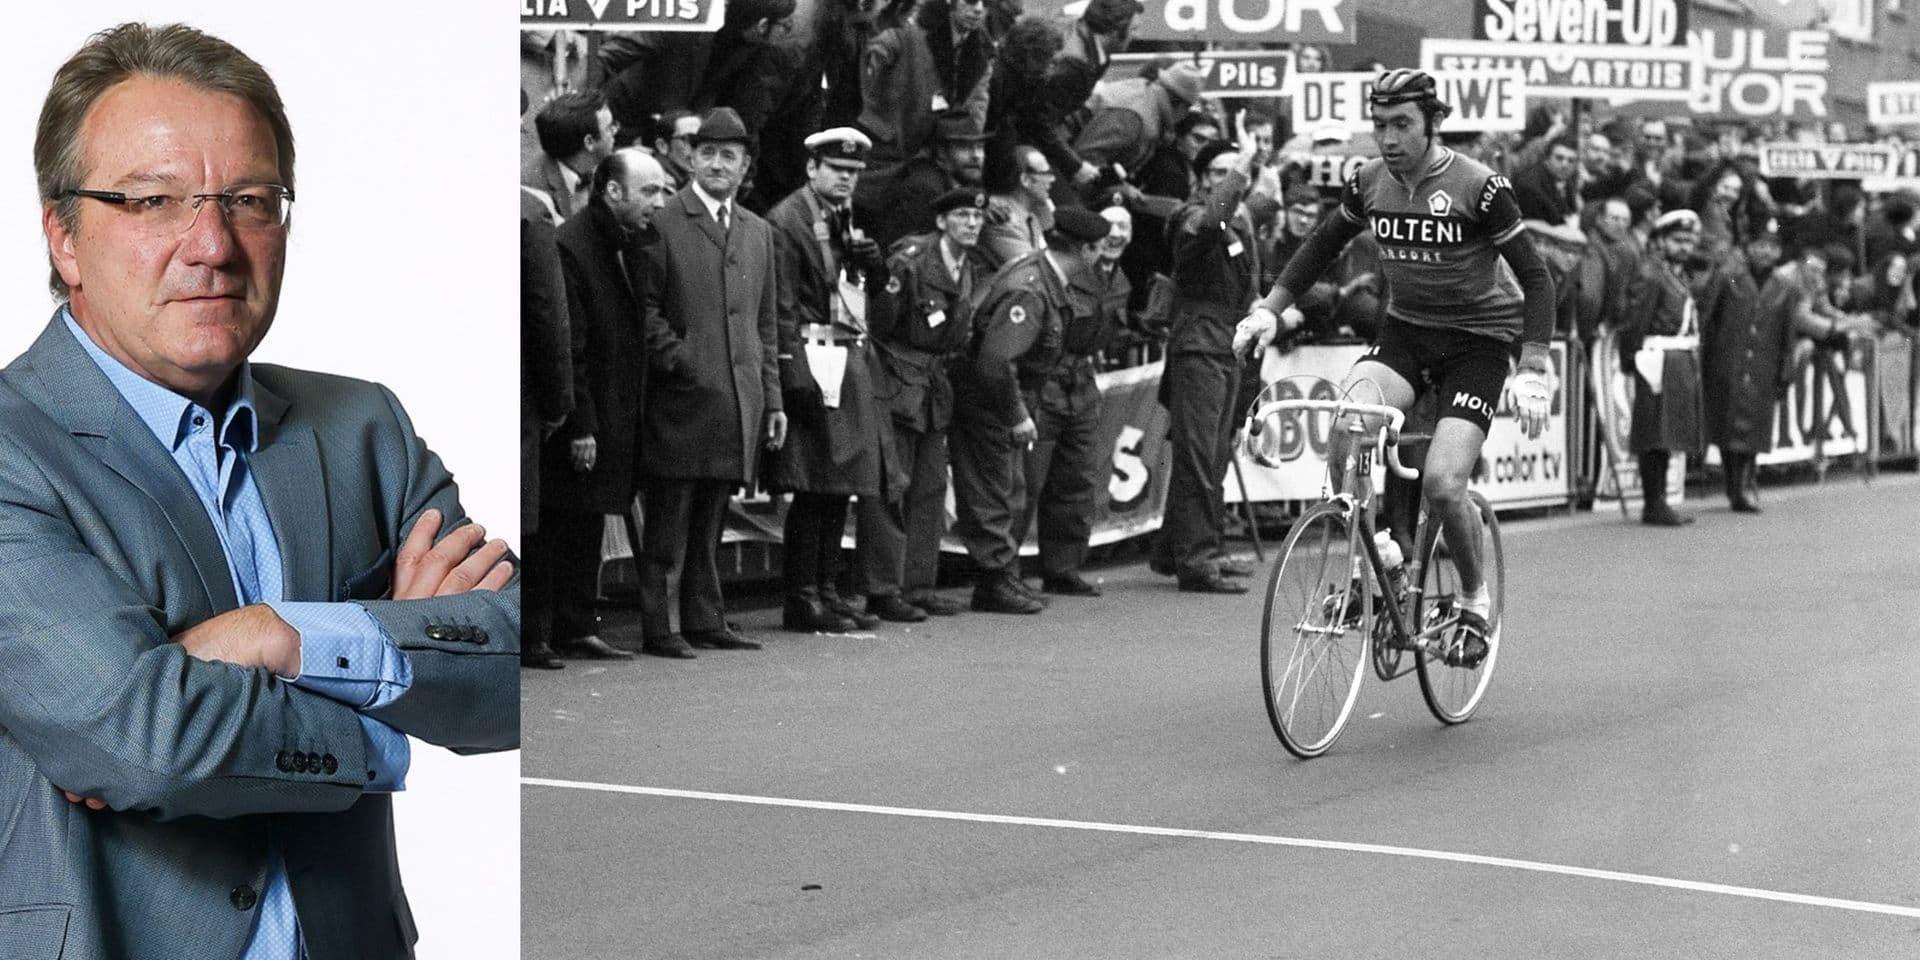 La chronique de Jean-Marc Ghéraille : Eddy Merckx et la culture de la gagne